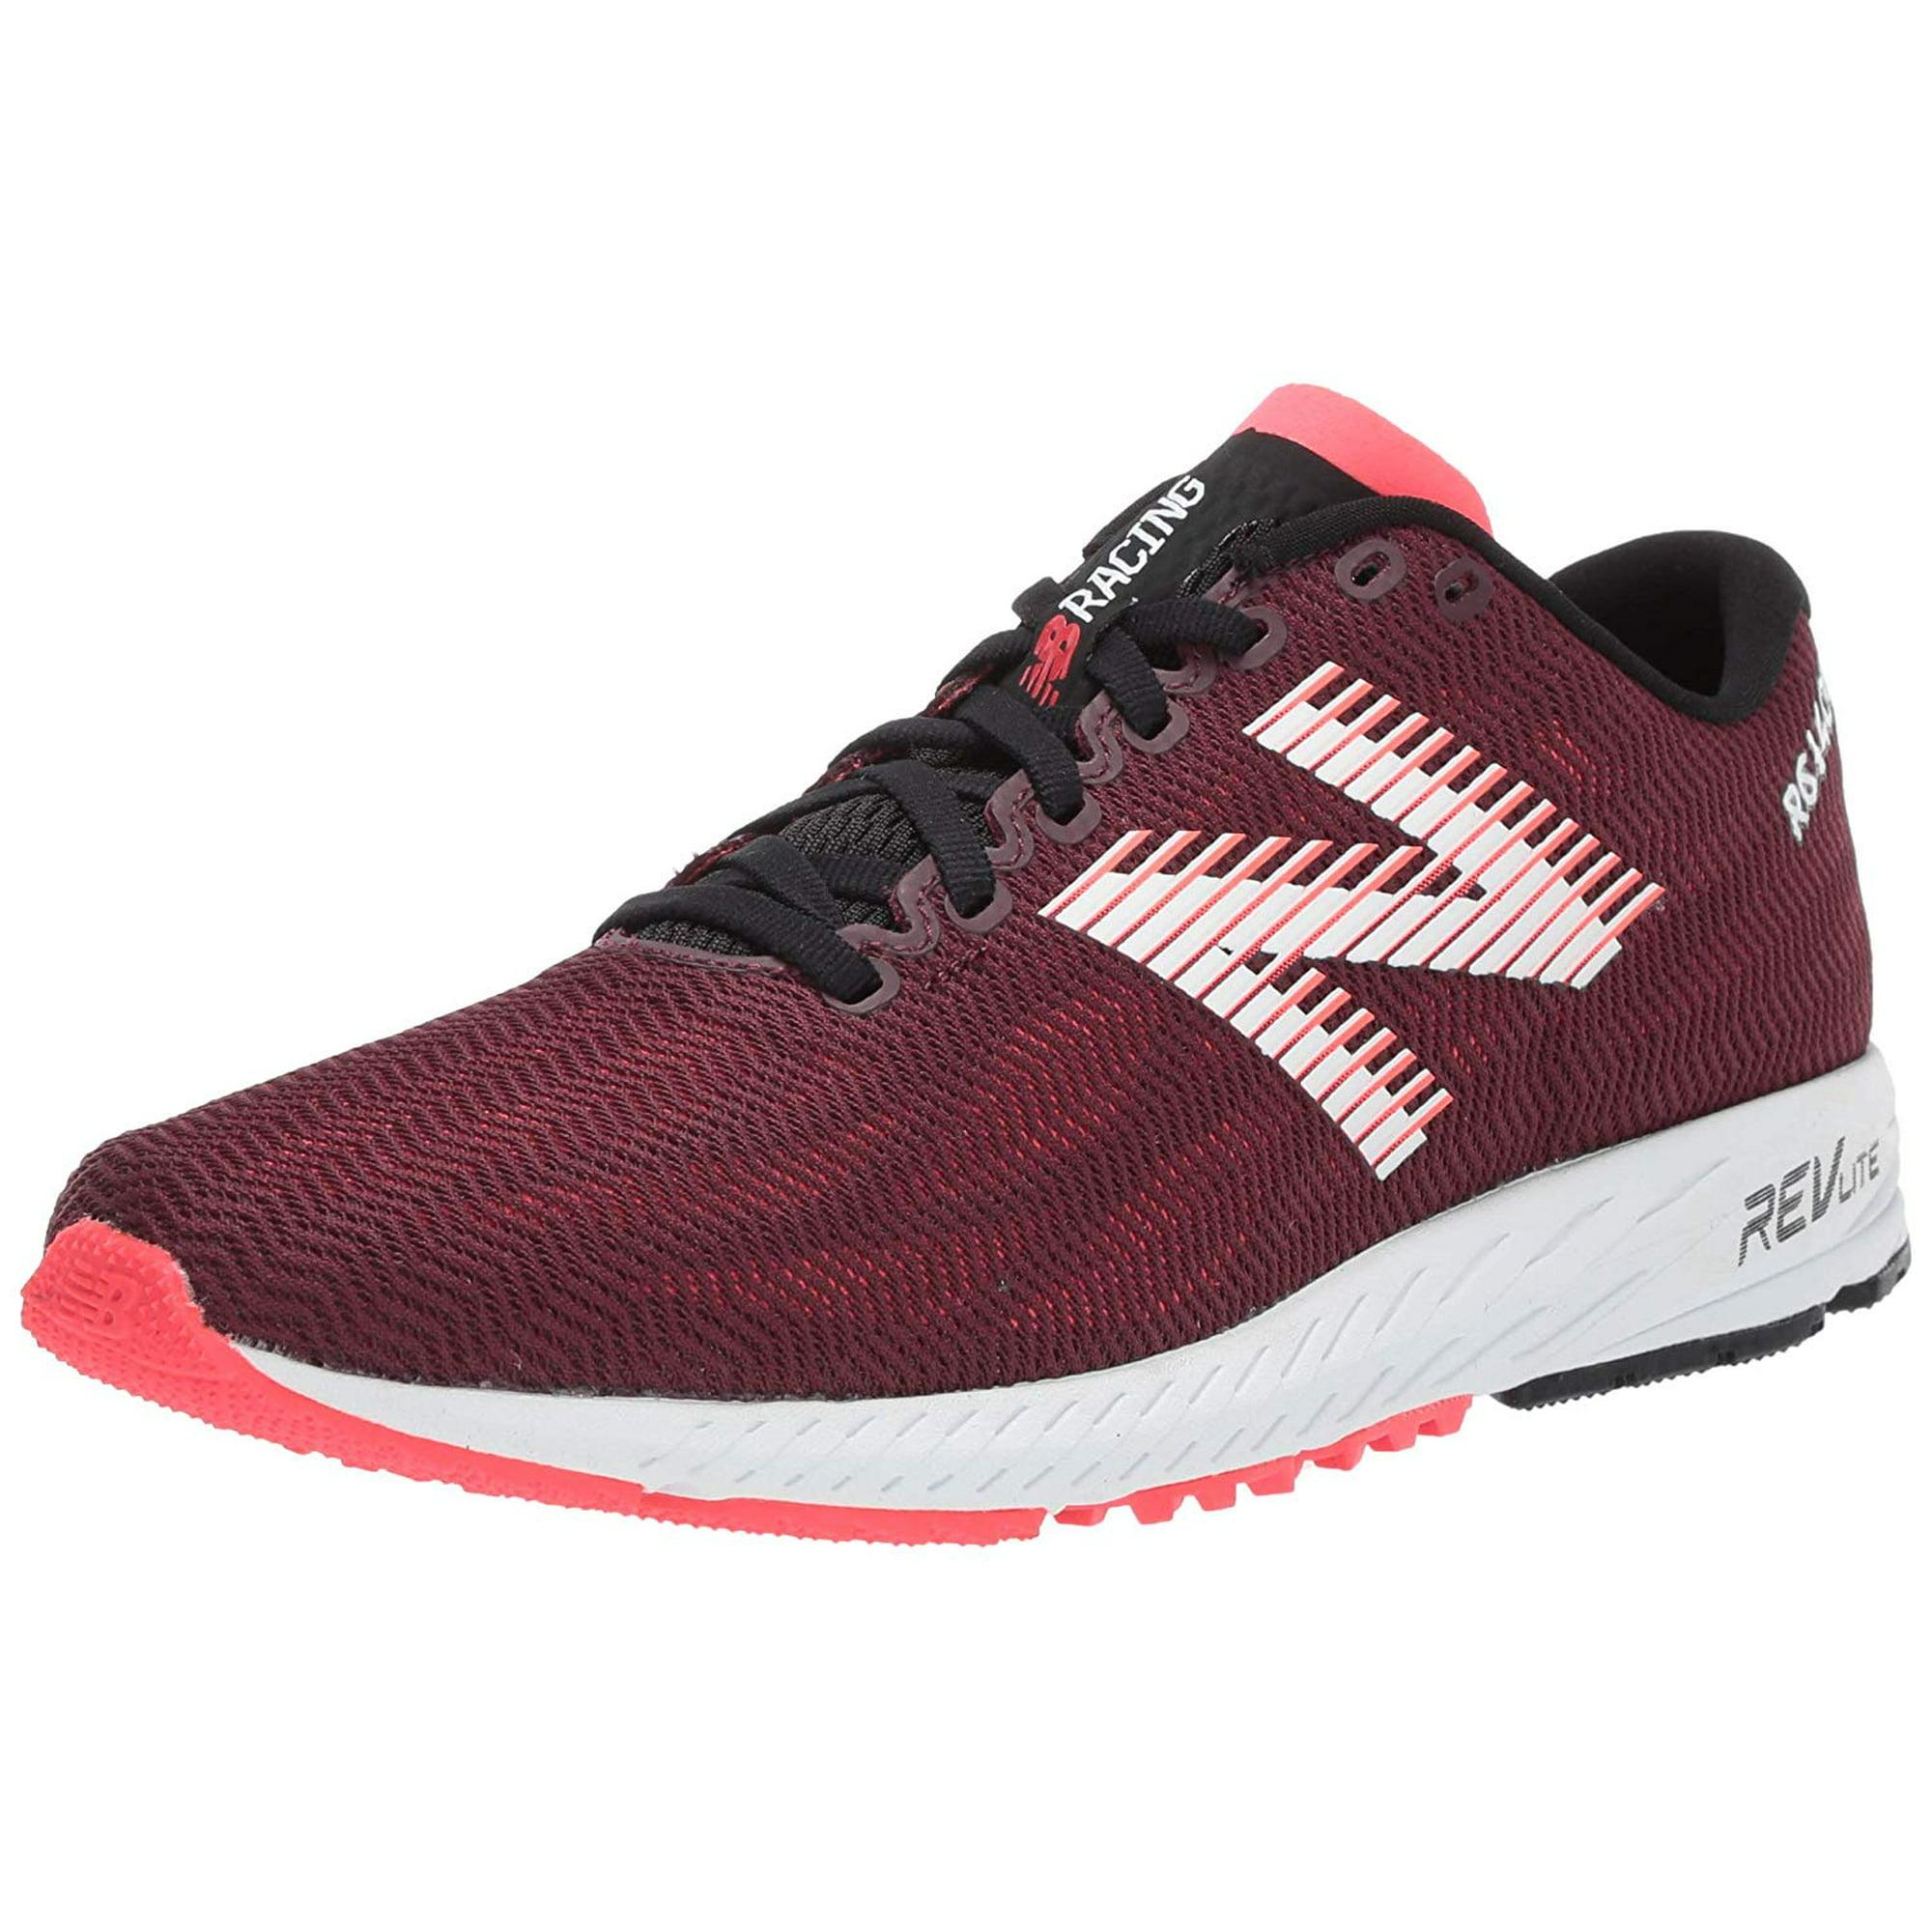 New Balance Women's 1400v6 Running Shoe, Nubuck Burgundy/Bright Cherry, 5 B US